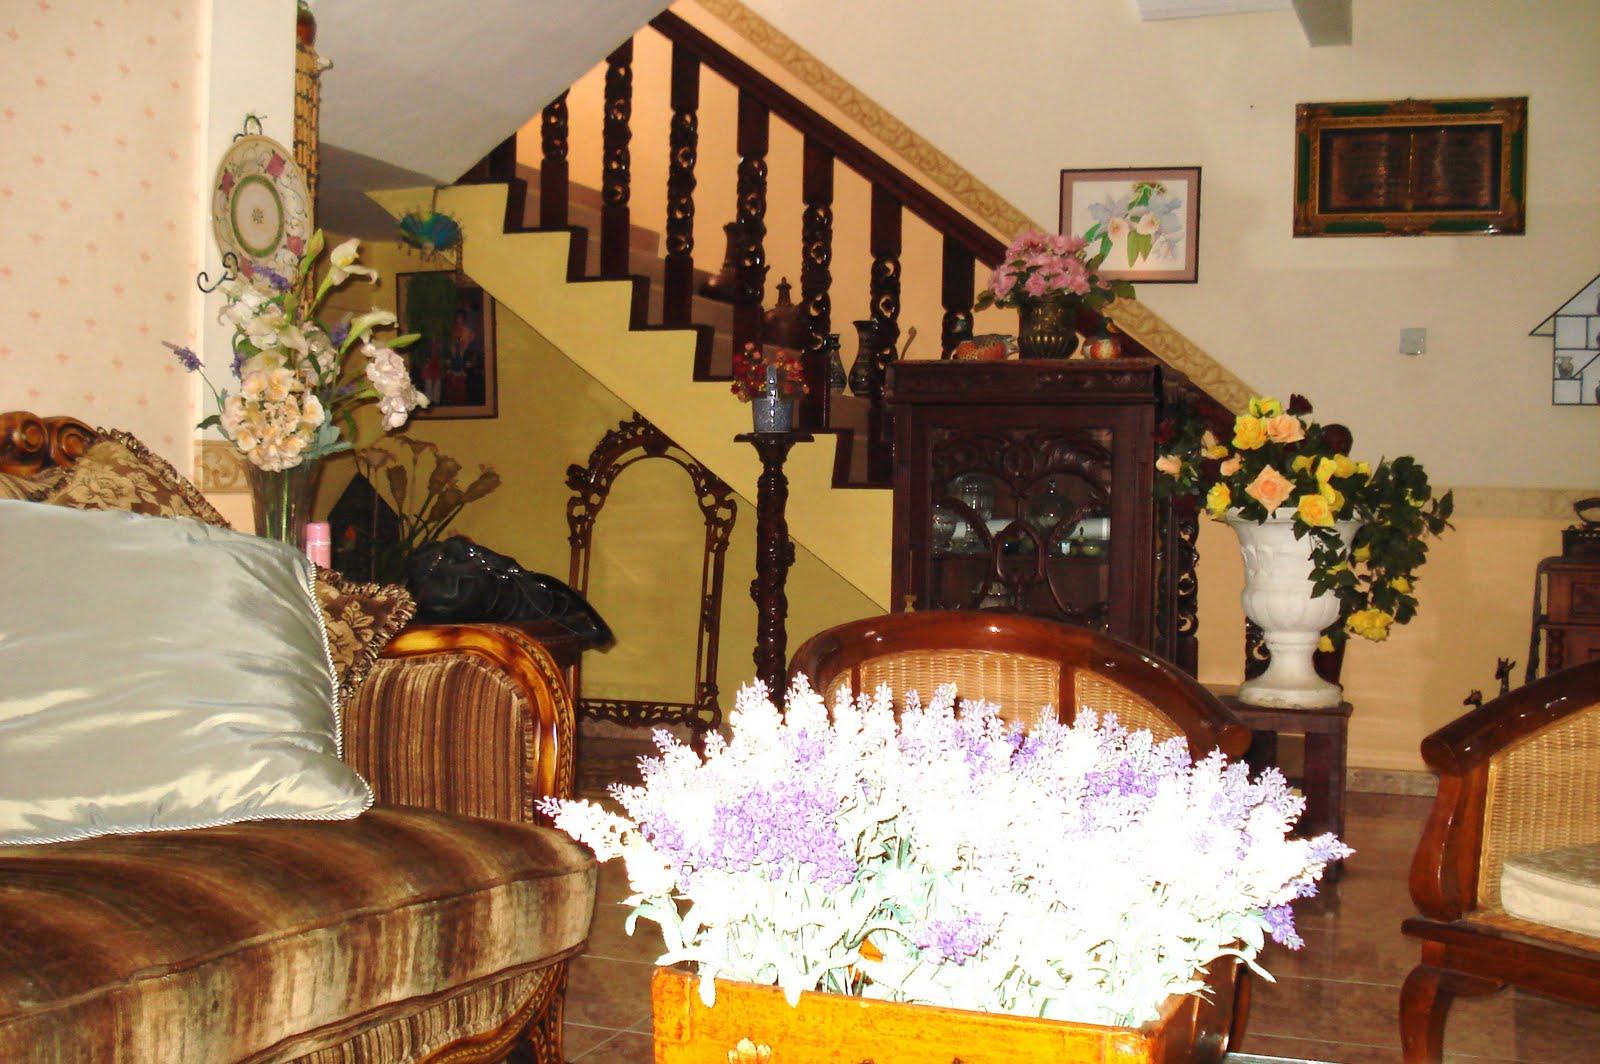 Masa Makin Suntuk Tuk Membersihkan Rumah Dan Segala Yang Ada Di Dalamnya Tahun Ini Tiada Perabot Baru Dibeli Kerana Ruang Dah Penuh Sesak